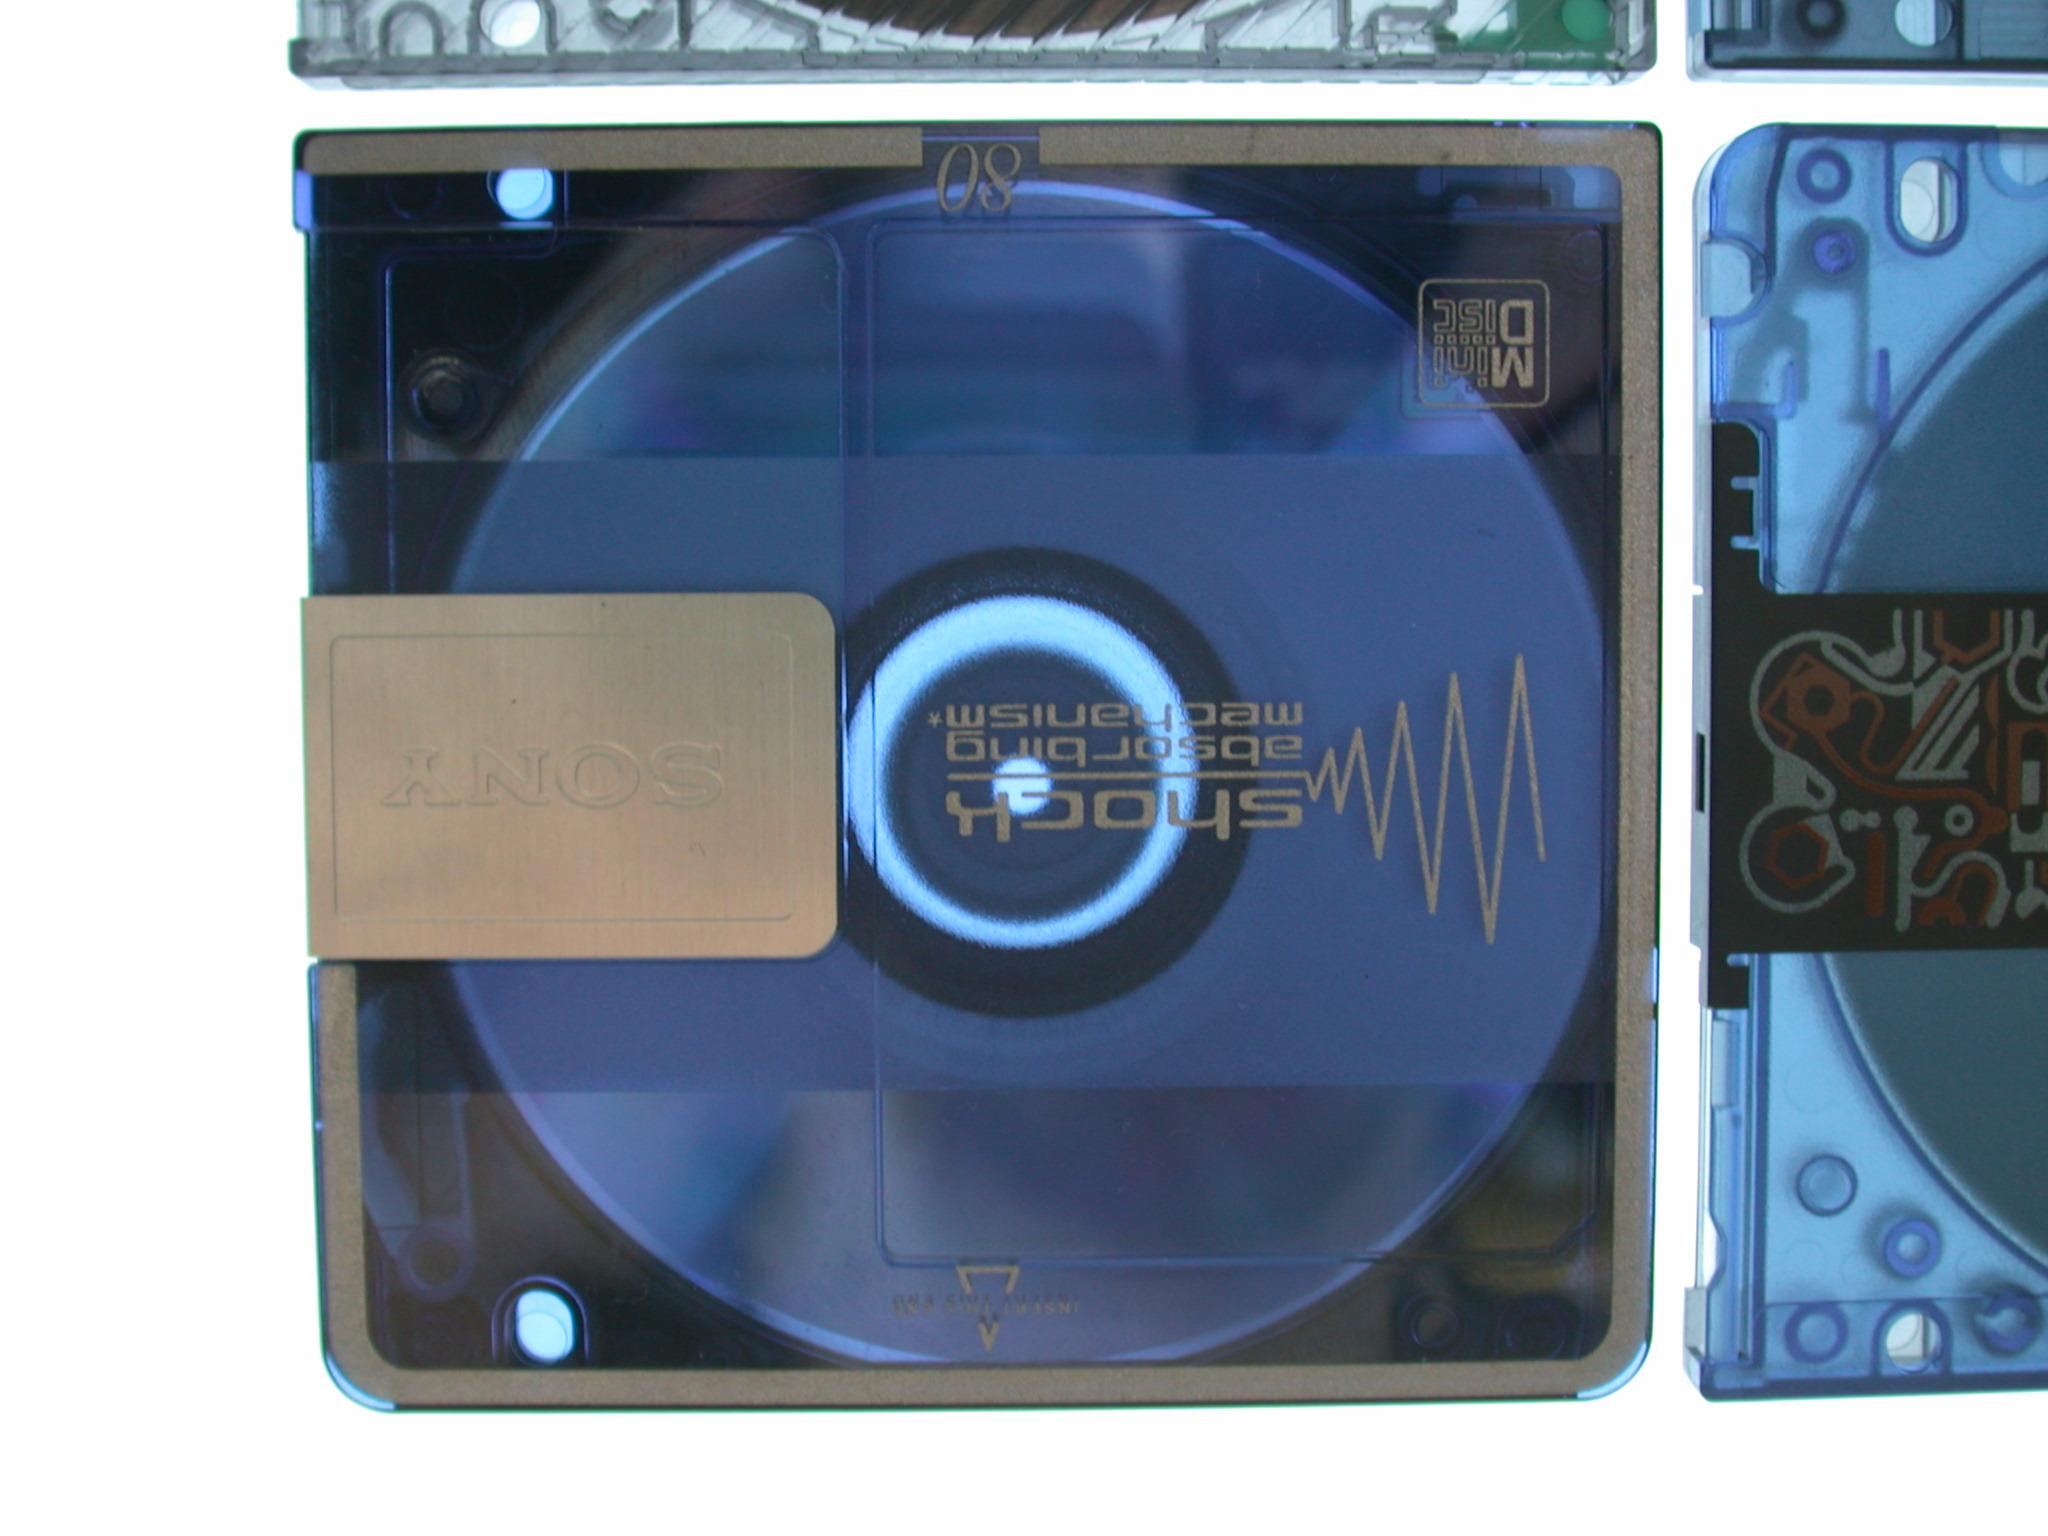 objects disc minidisc sony storage